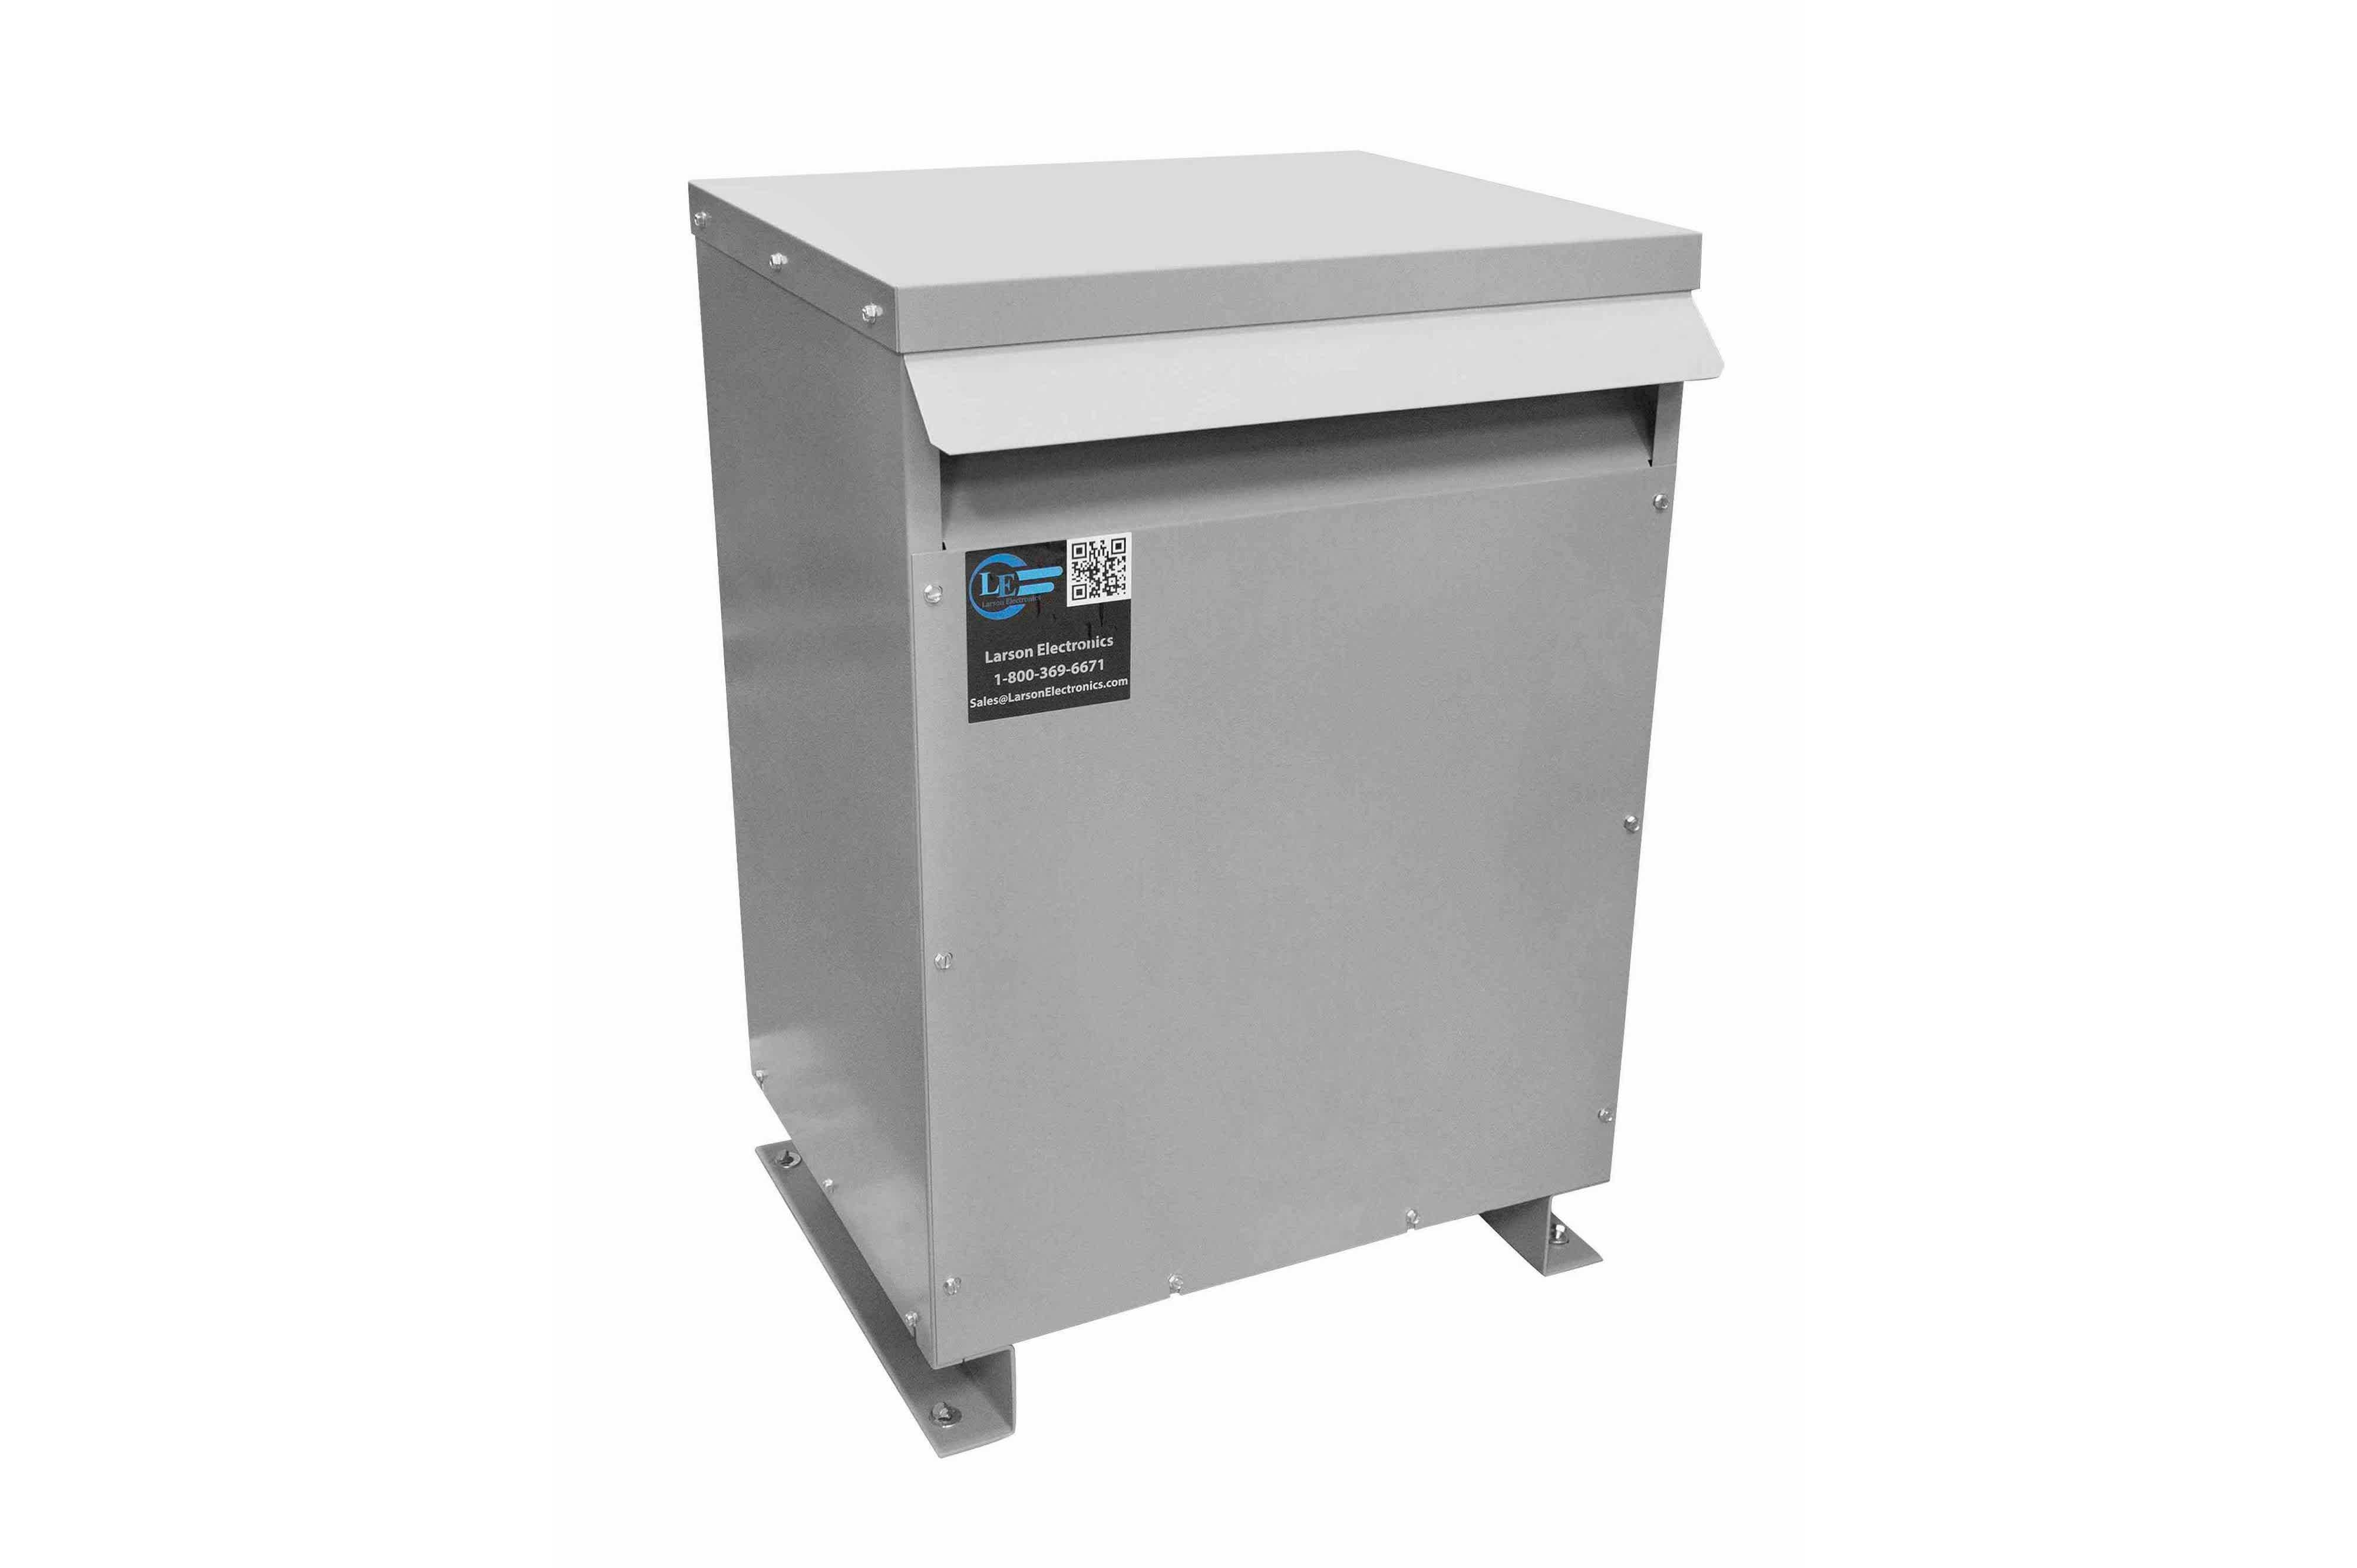 60 kVA 3PH DOE Transformer, 575V Delta Primary, 240V/120 Delta Secondary, N3R, Ventilated, 60 Hz